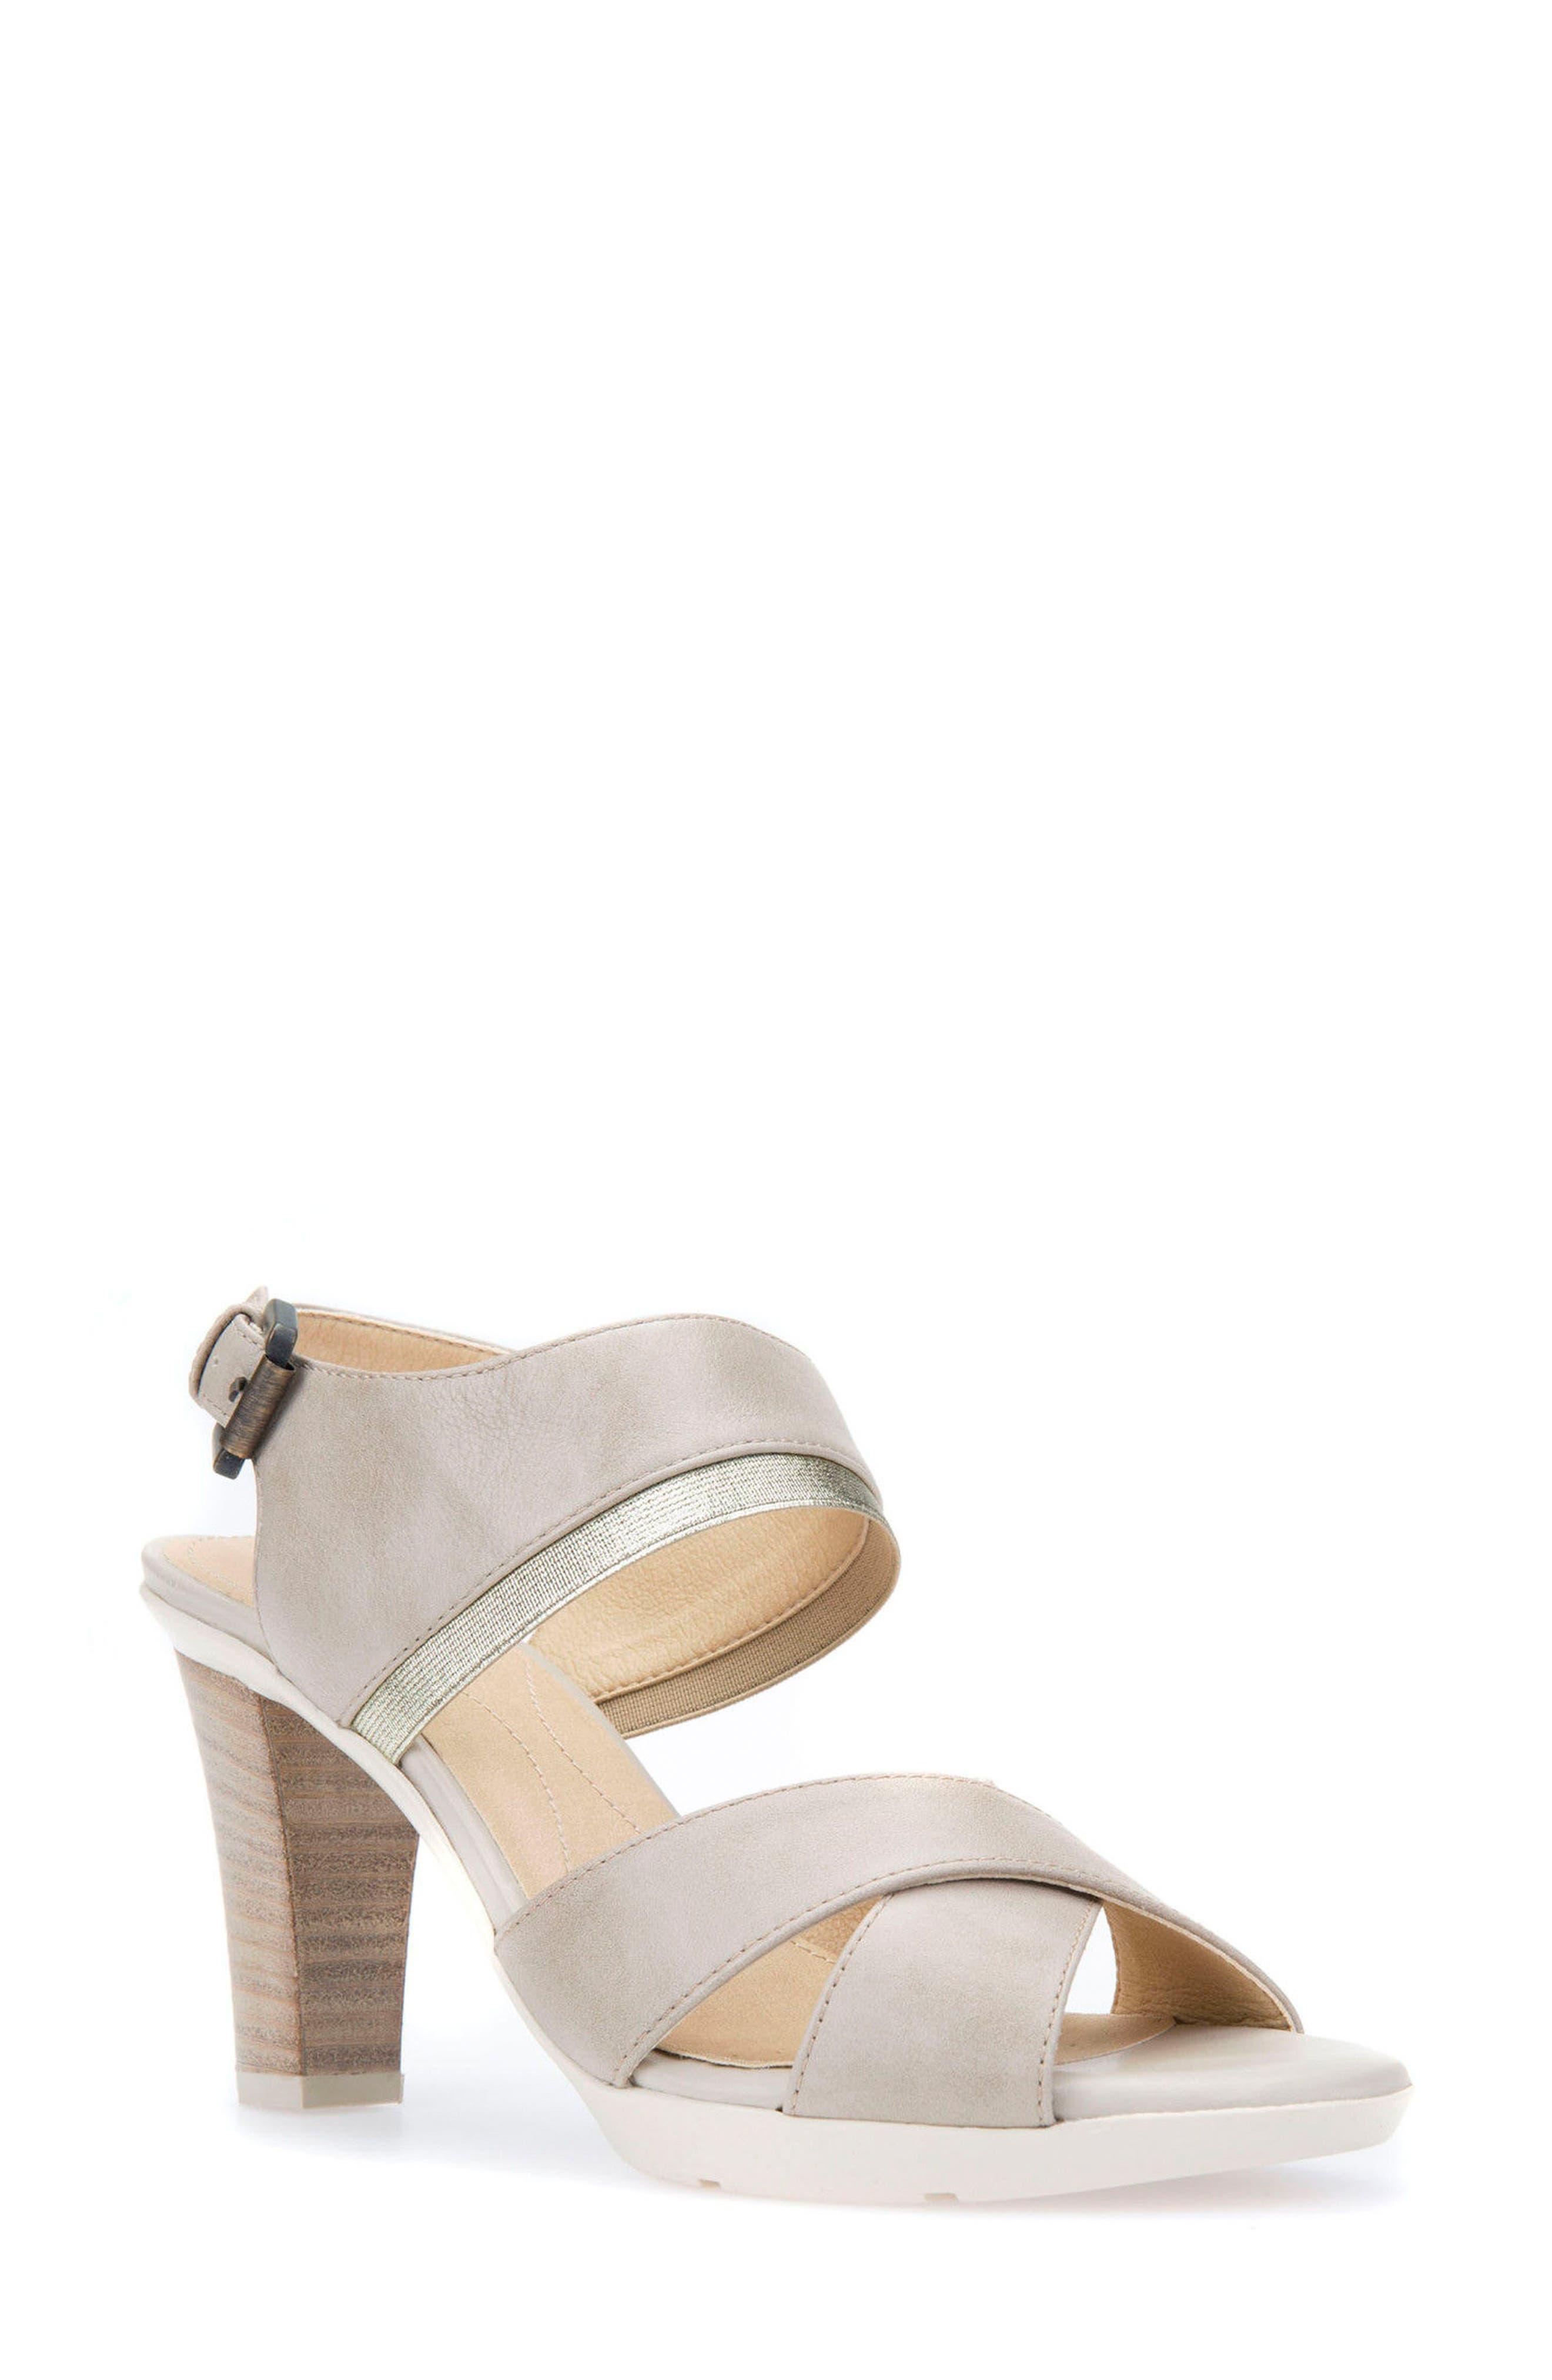 Jadlis Sandal,                         Main,                         color, Beige Leather